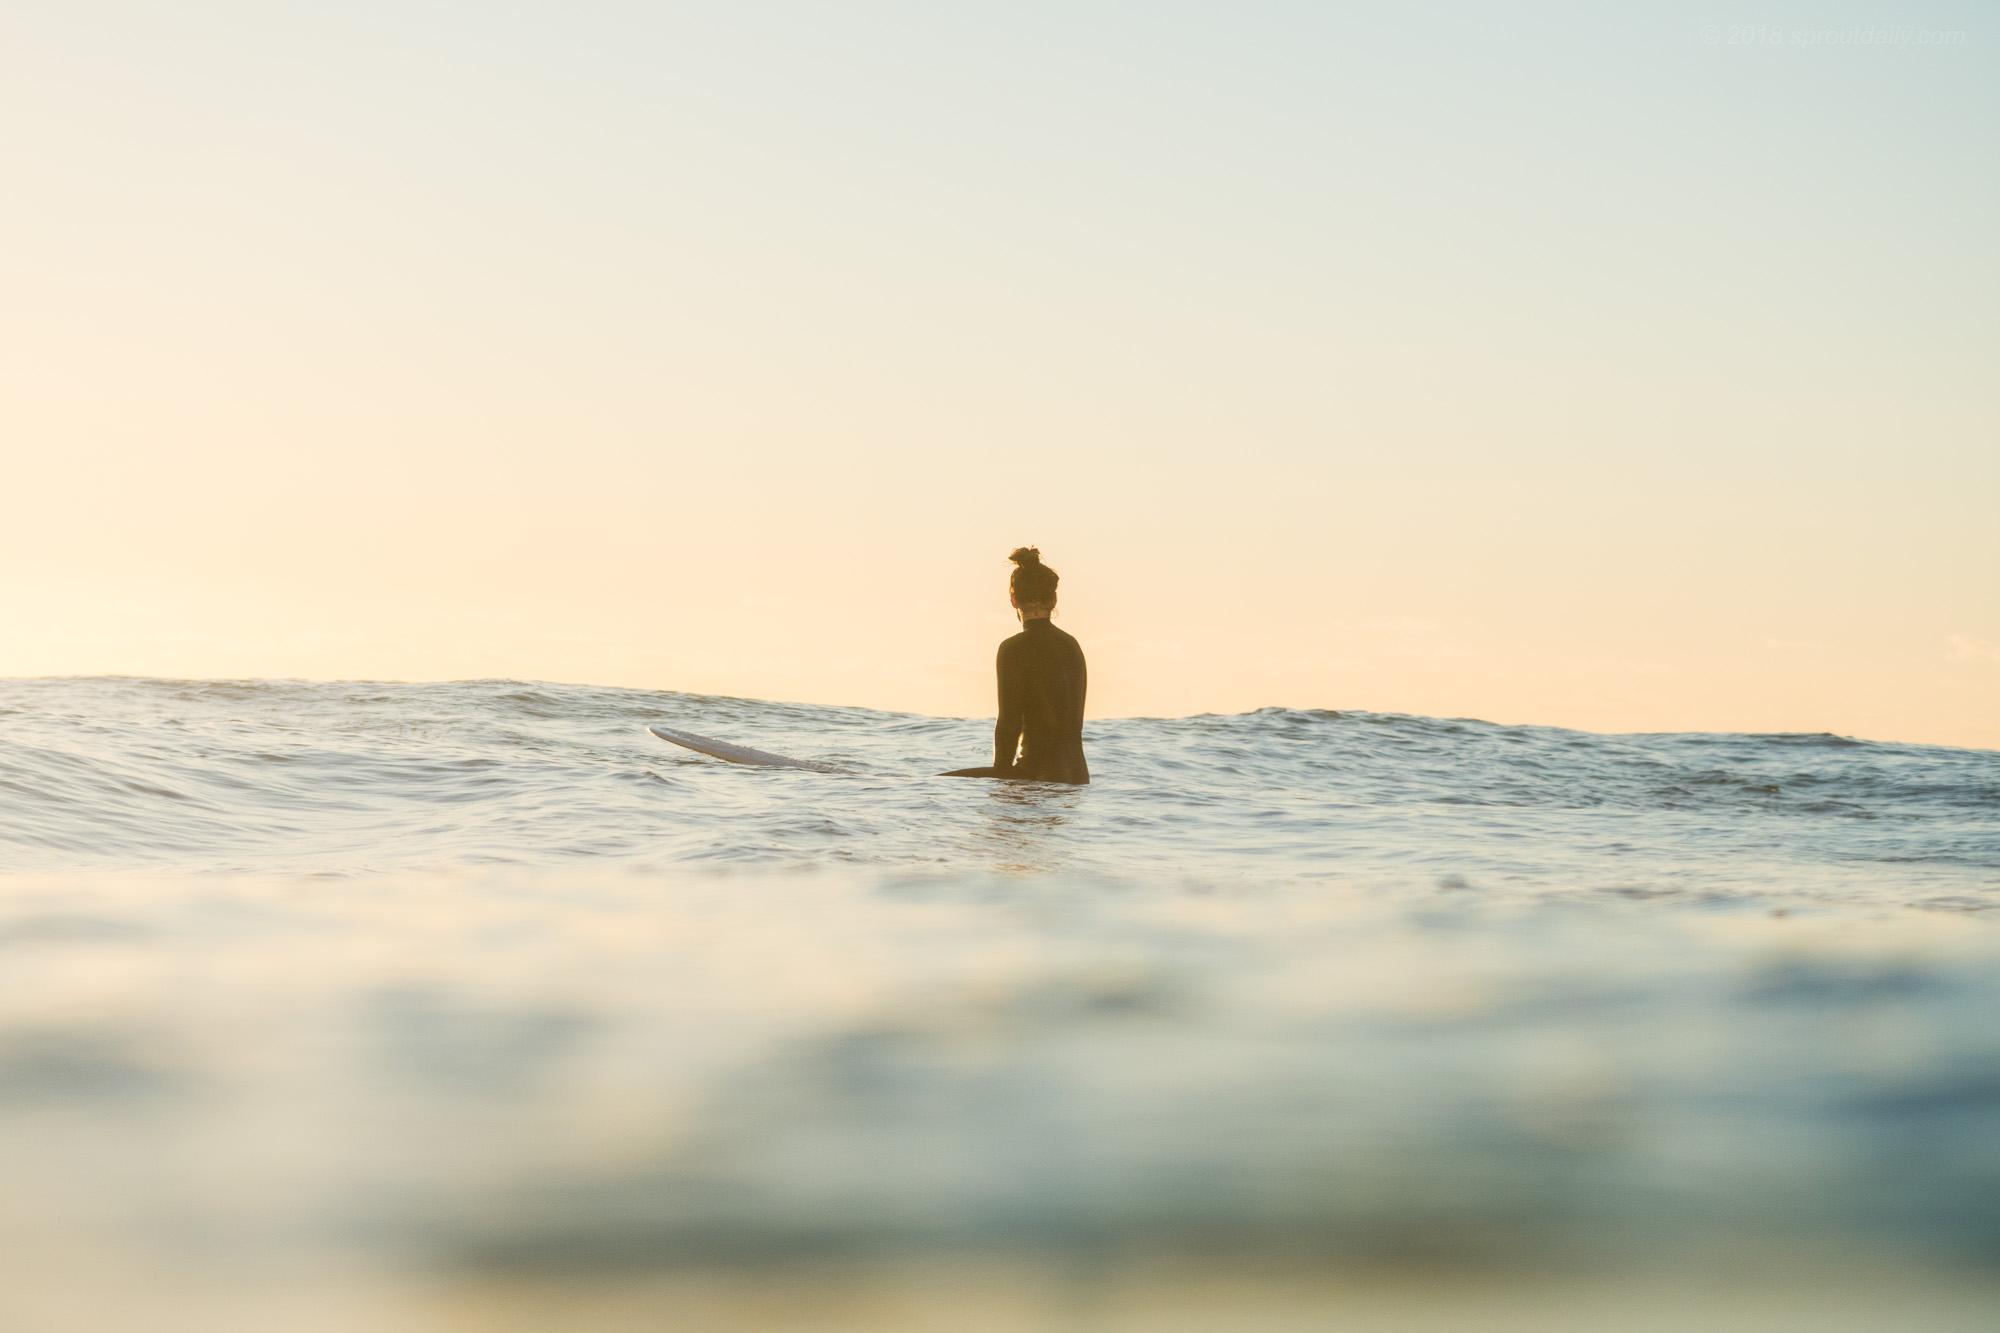 Solo Sea